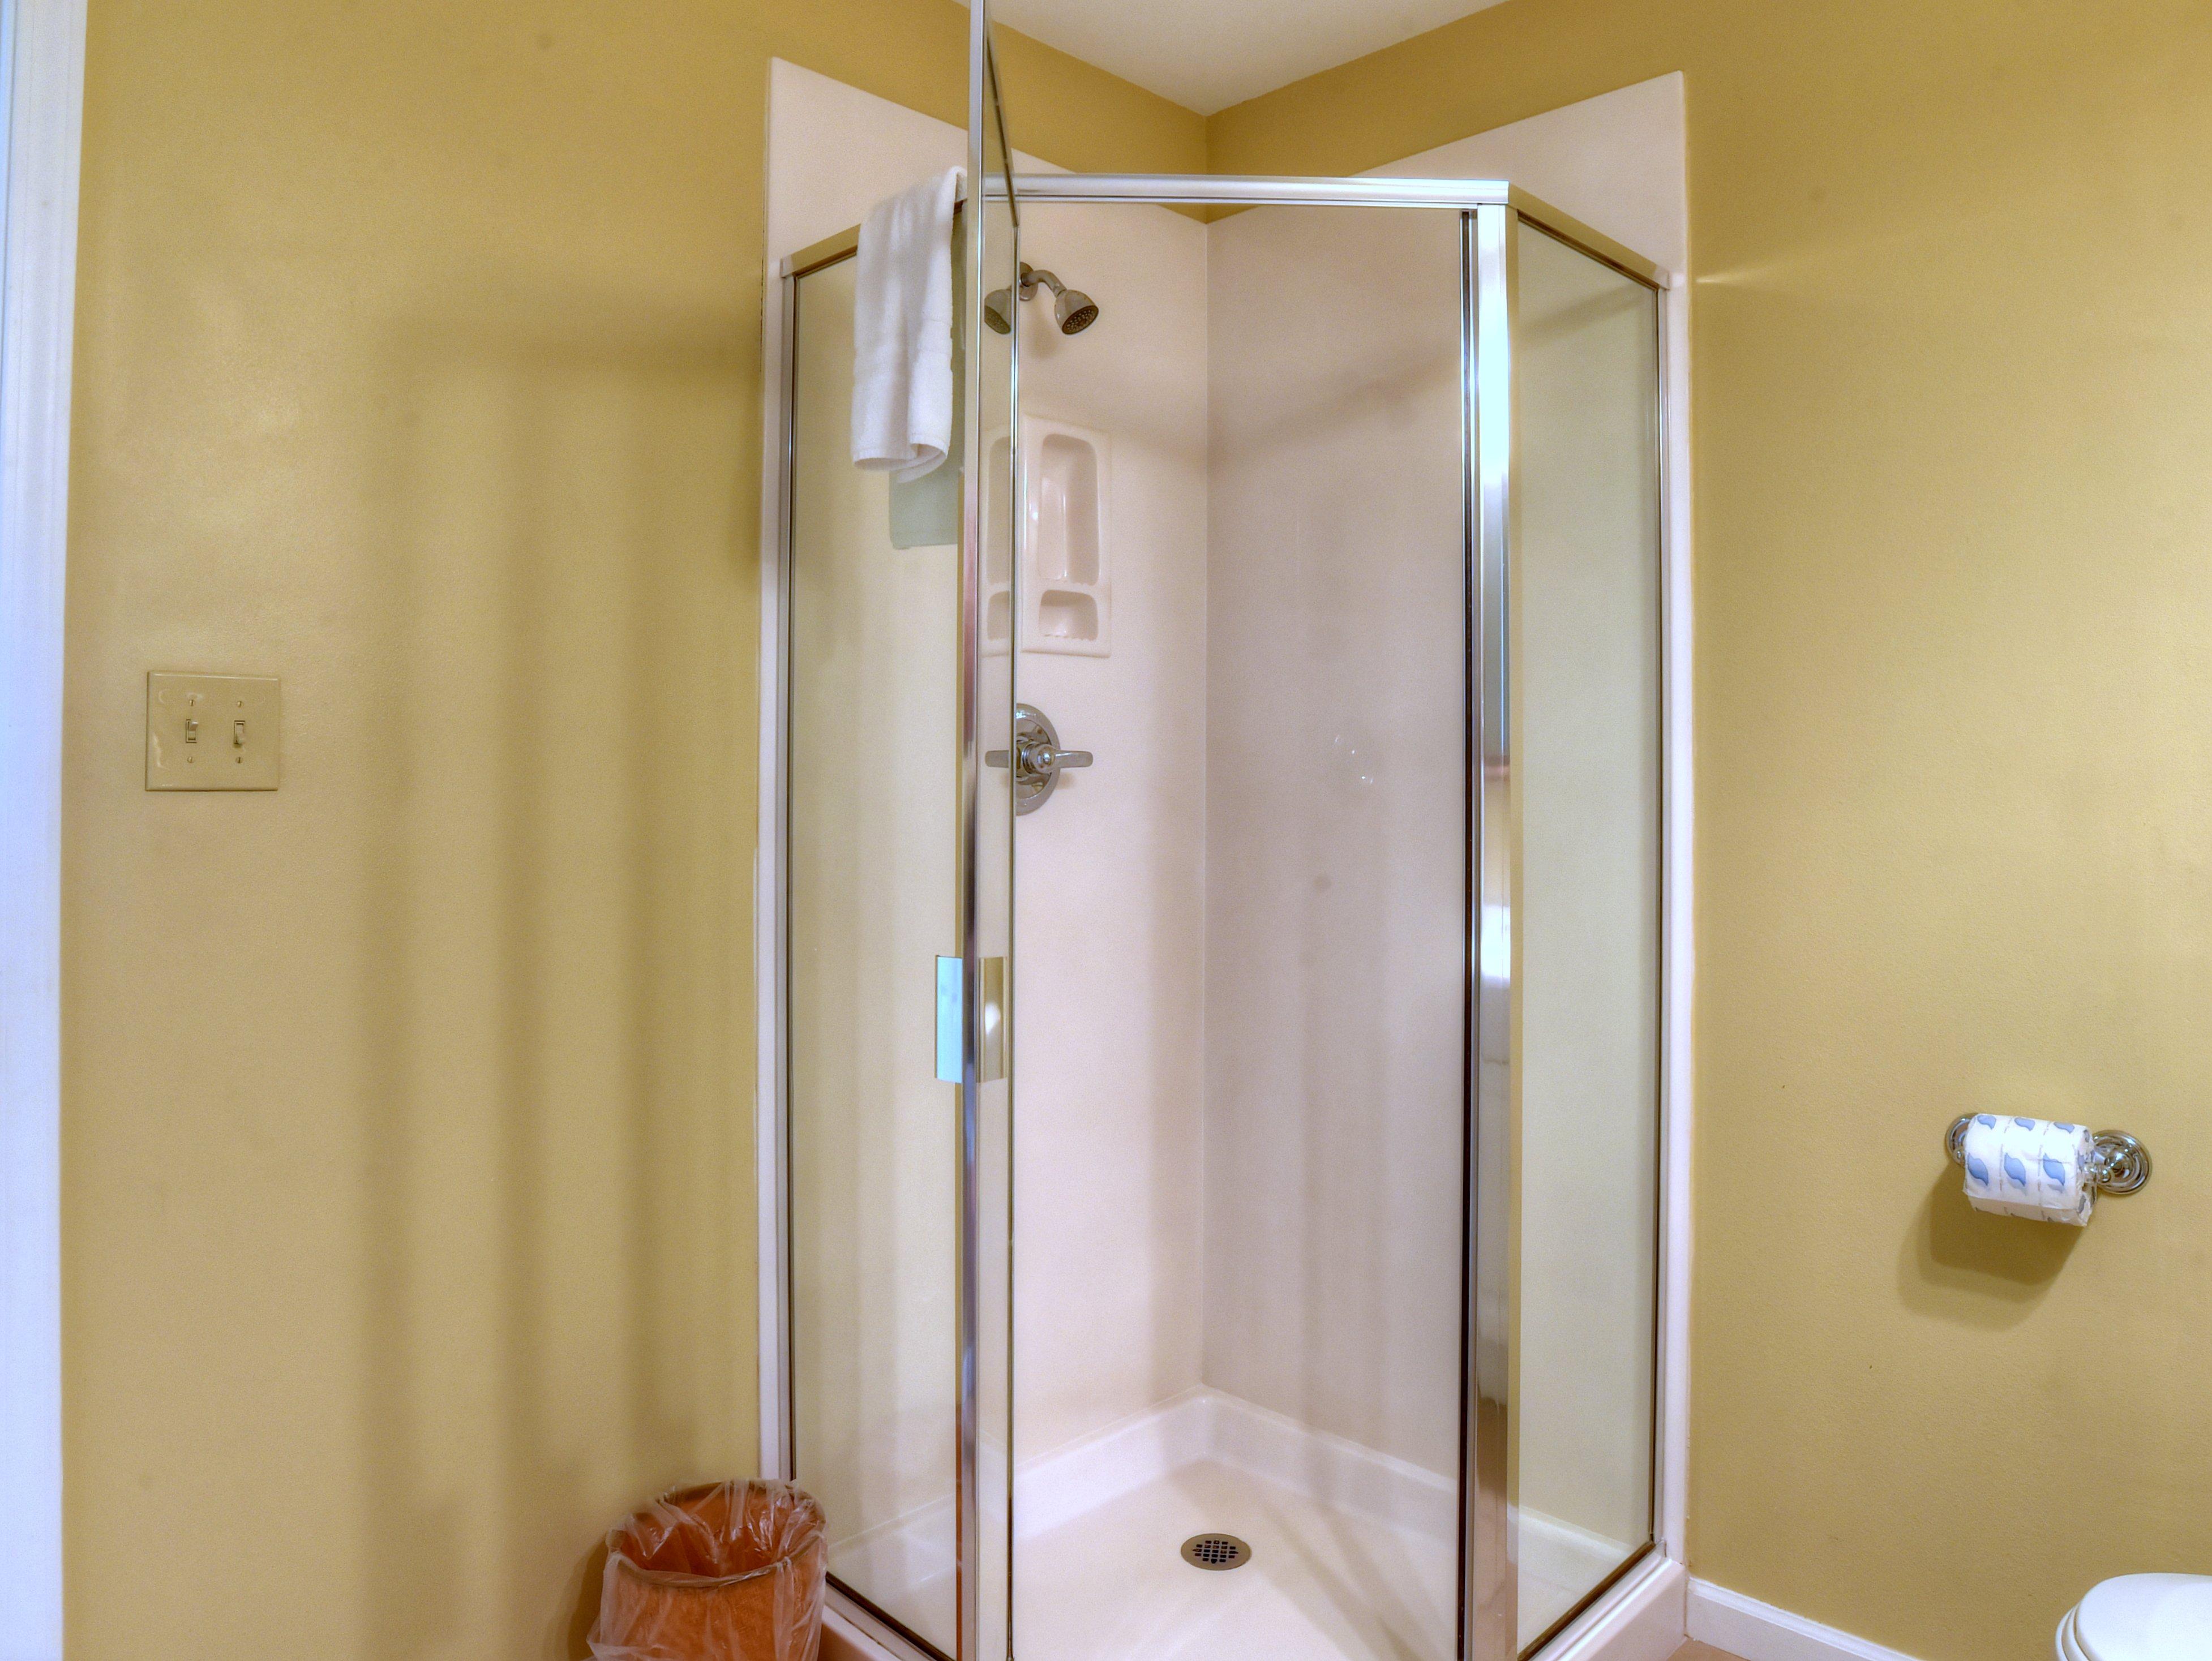 285 Fairways Condo rental in Sandestin Rentals ~ Cottages and Villas  in Destin Florida - #22